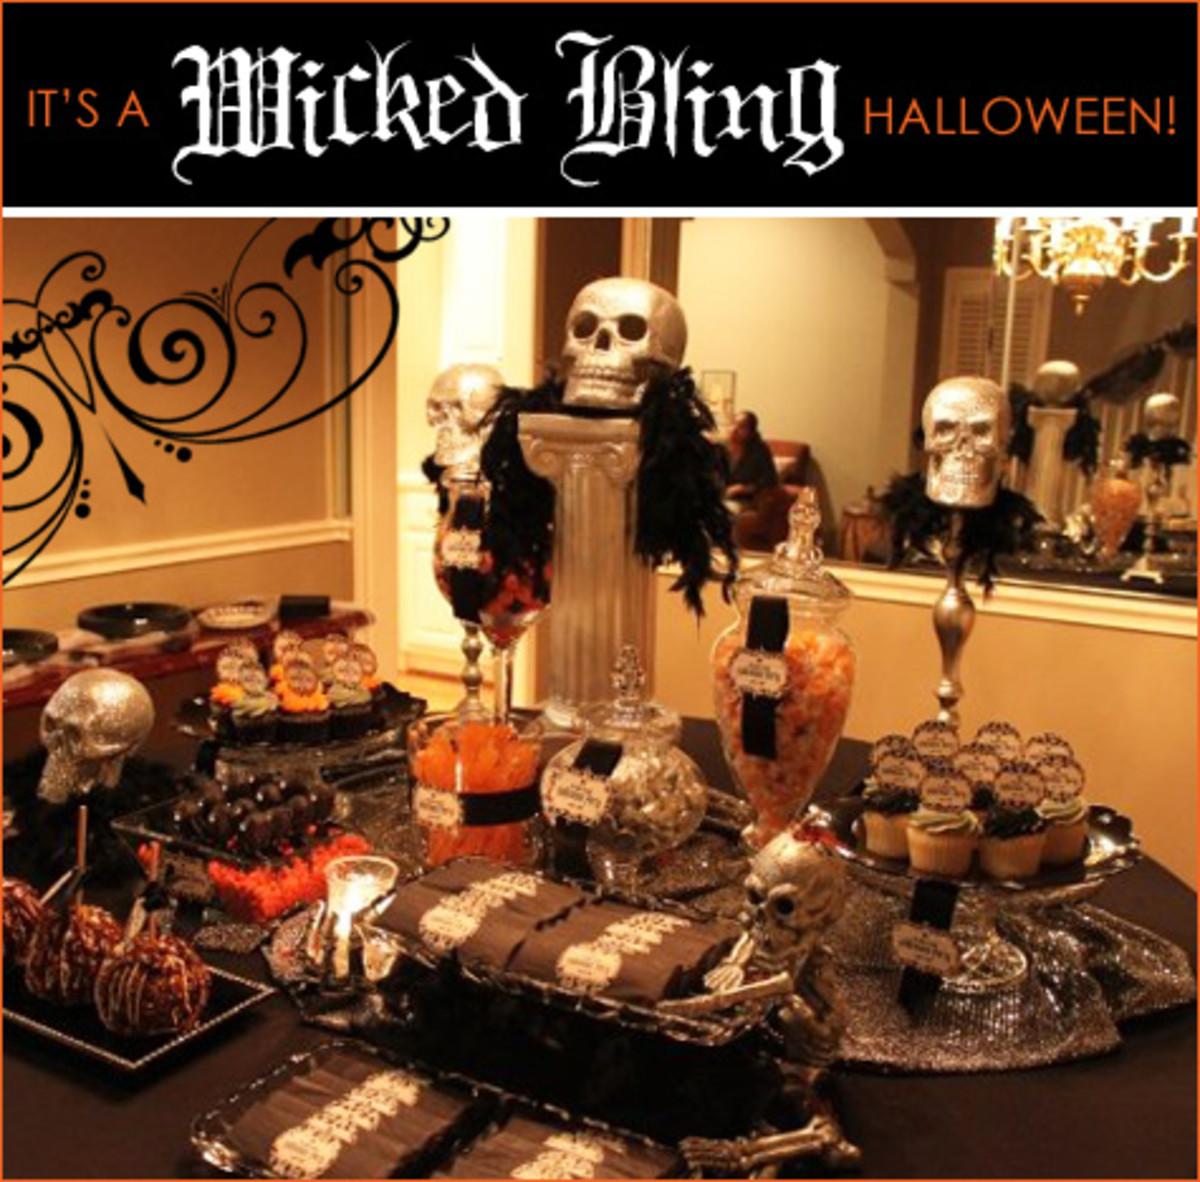 Halloween Decor for a fun time.